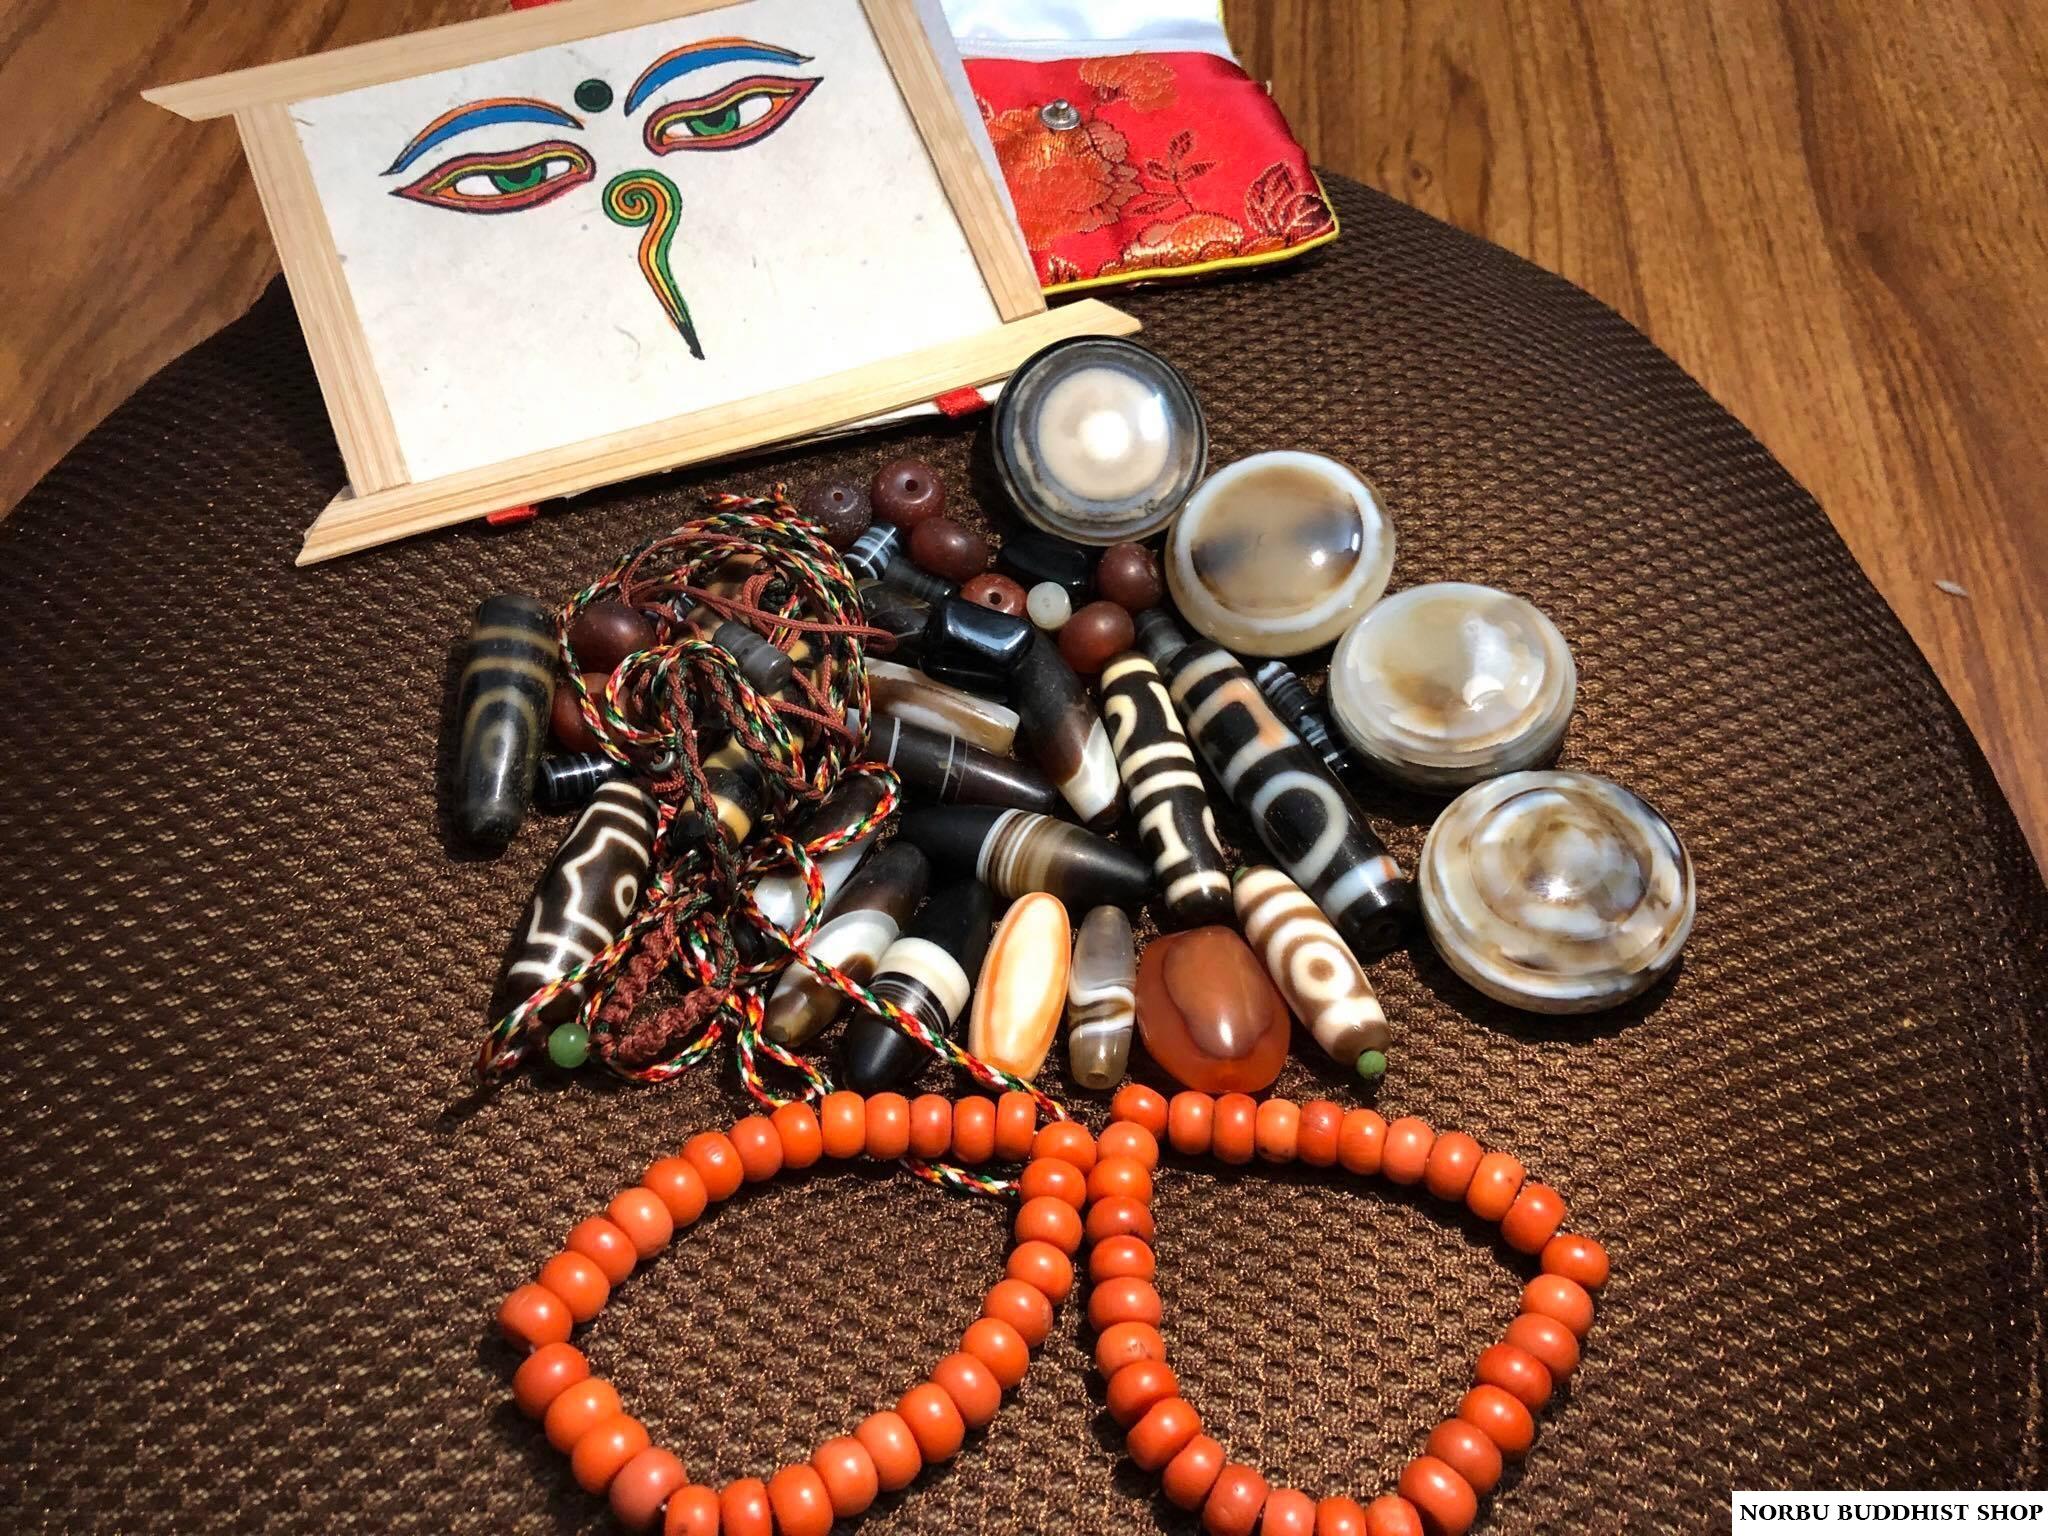 Bàn về vấn đề tâm linh của dzi bead - các mô tả tha lực của dzi có thực sự chính xác